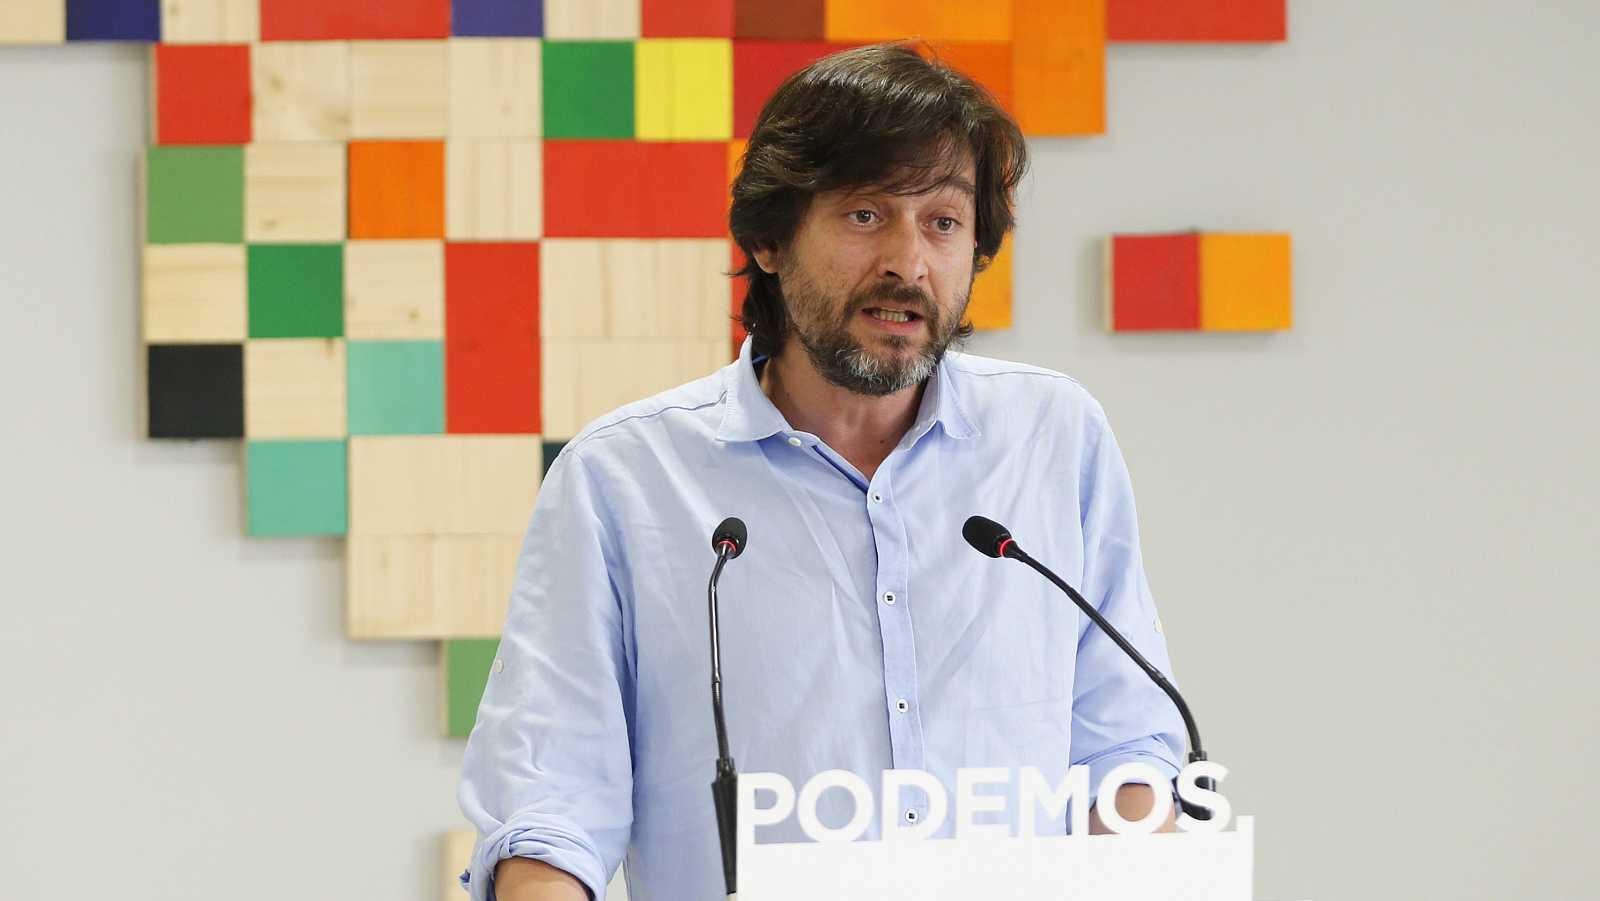 14 horas - La Audiencia de Madrid ordenar reabrir la investigación sobre la presunta caja b de Podemos - Escuchar ahora